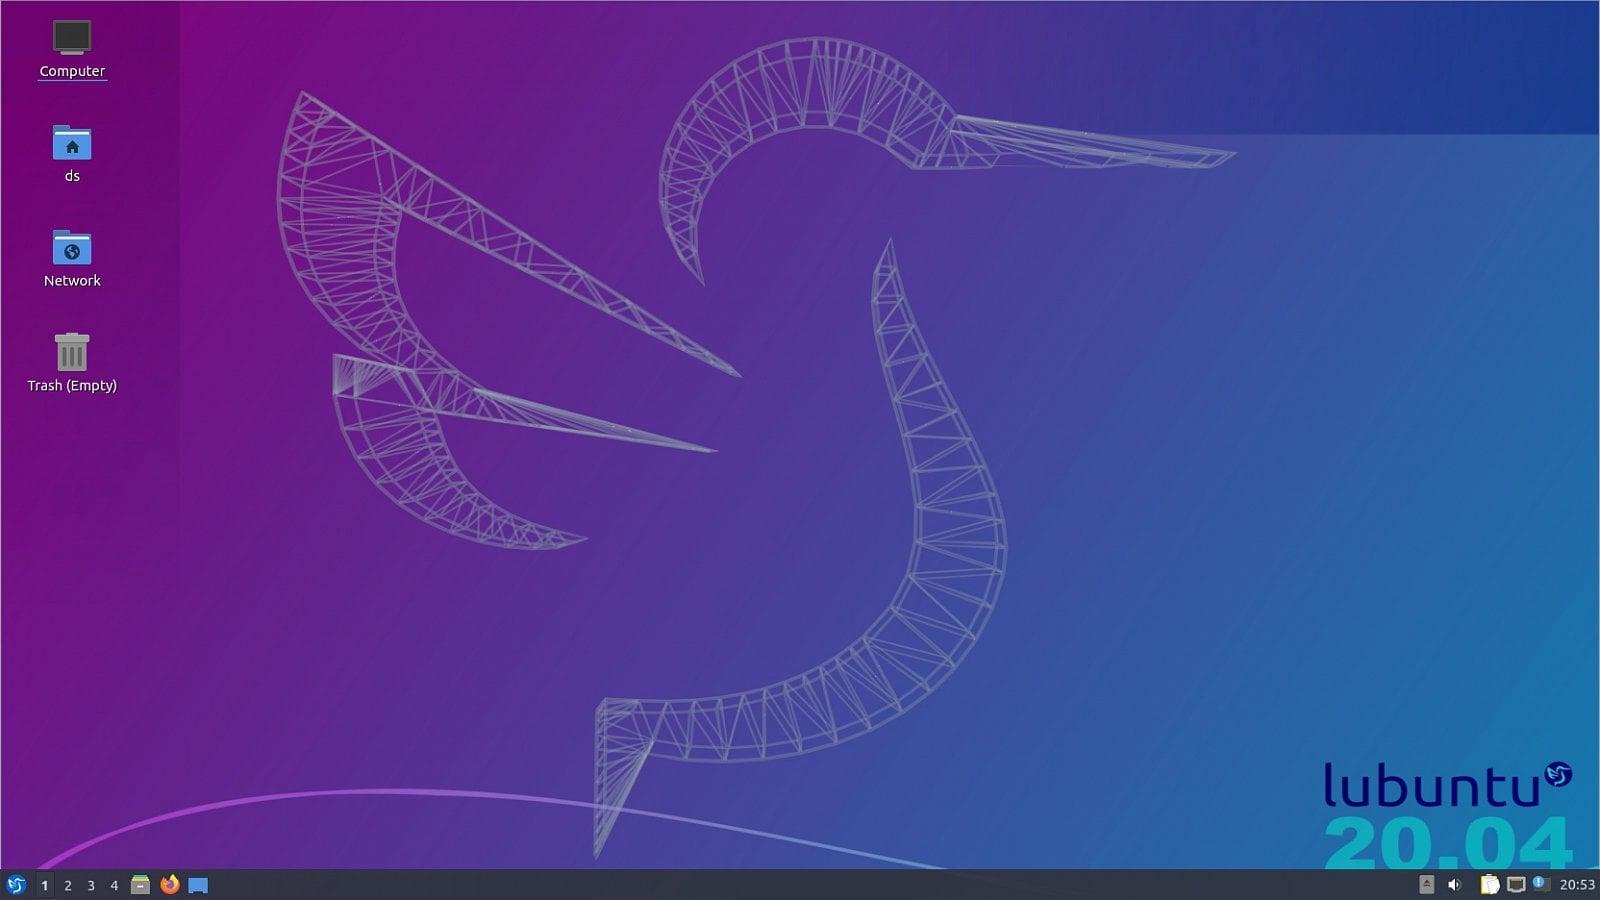 Lubuntu 20.04